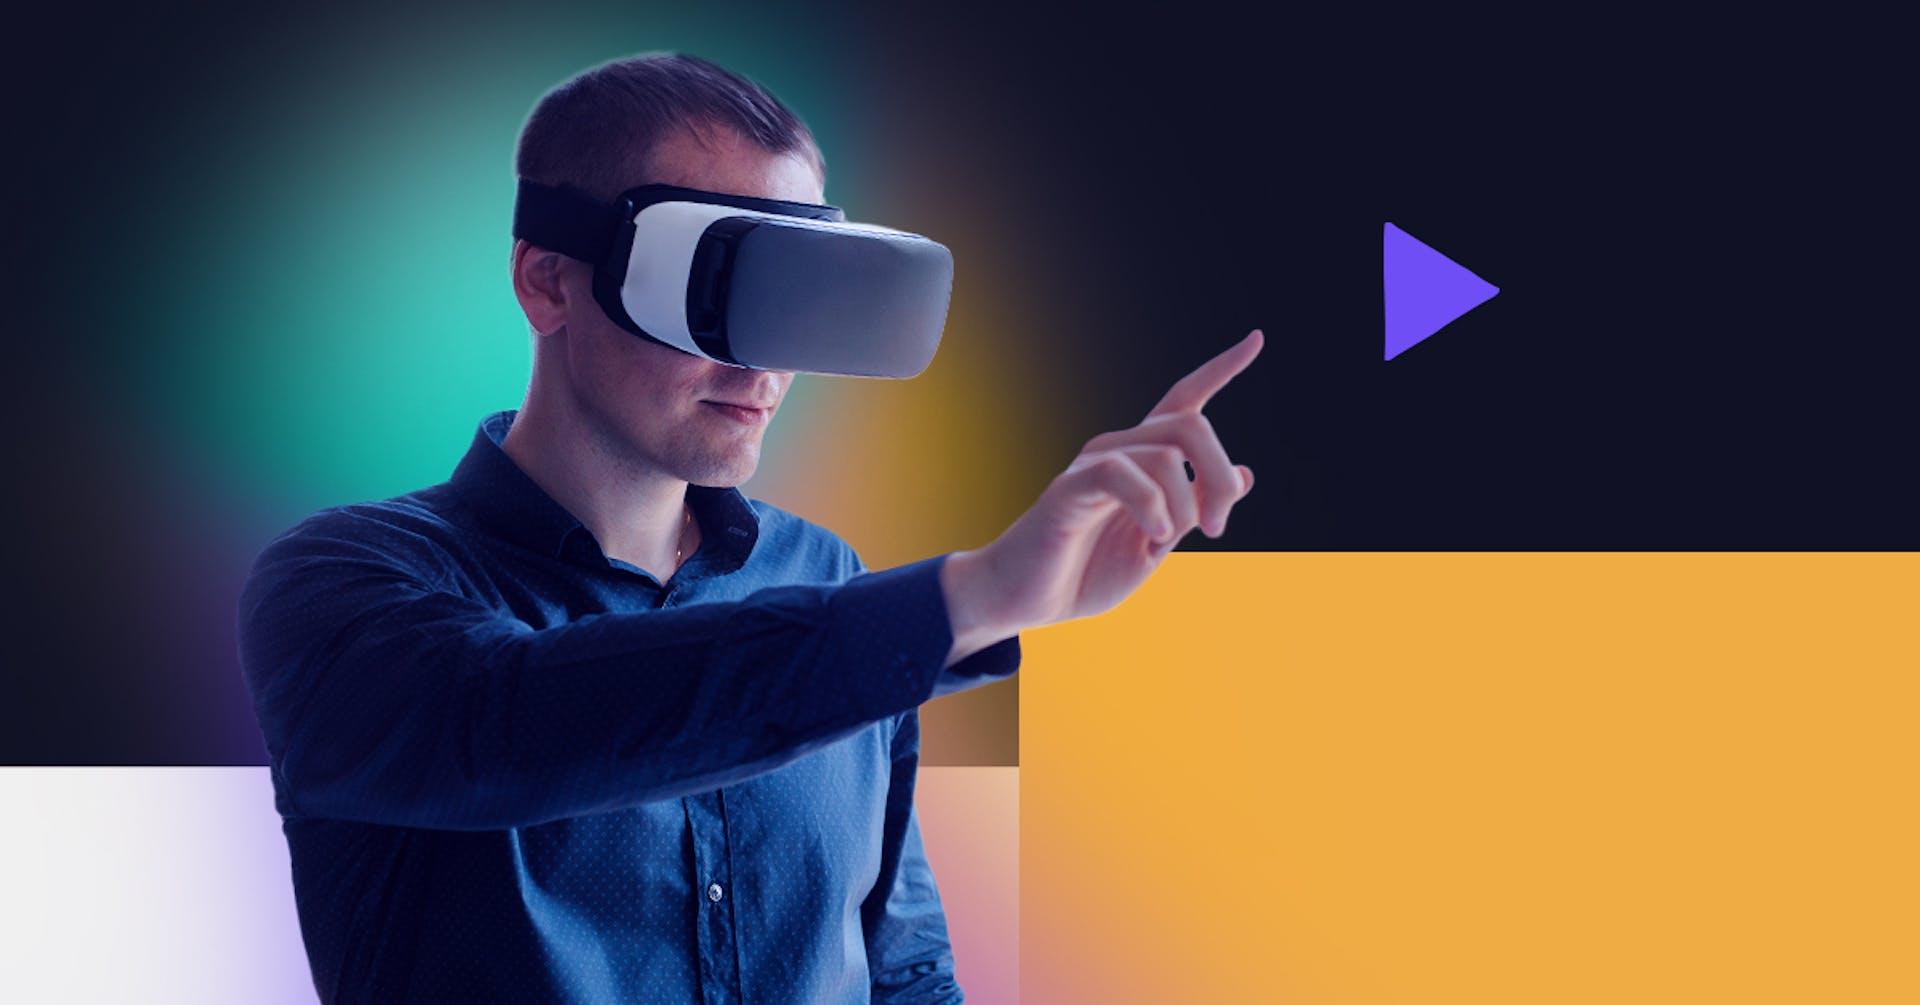 Te contamos cómo reinventar tu plan de capacitación con realidad virtual